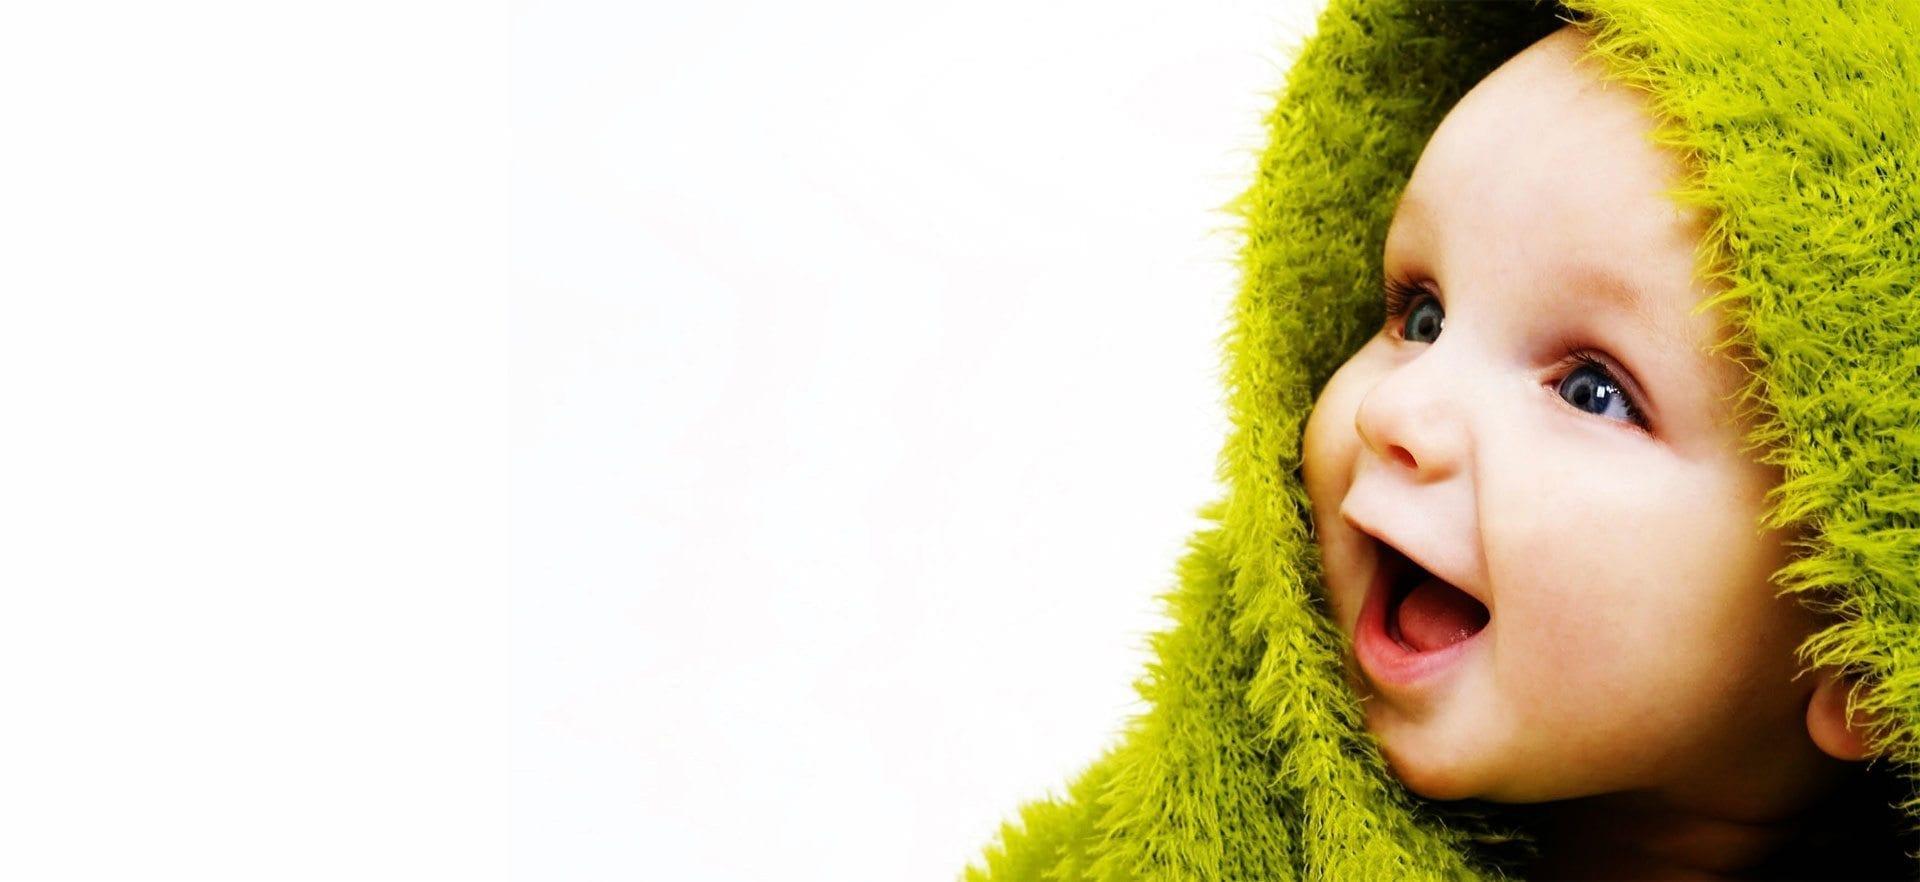 Лучшие картинки про детей с надписями, для мальчика лет